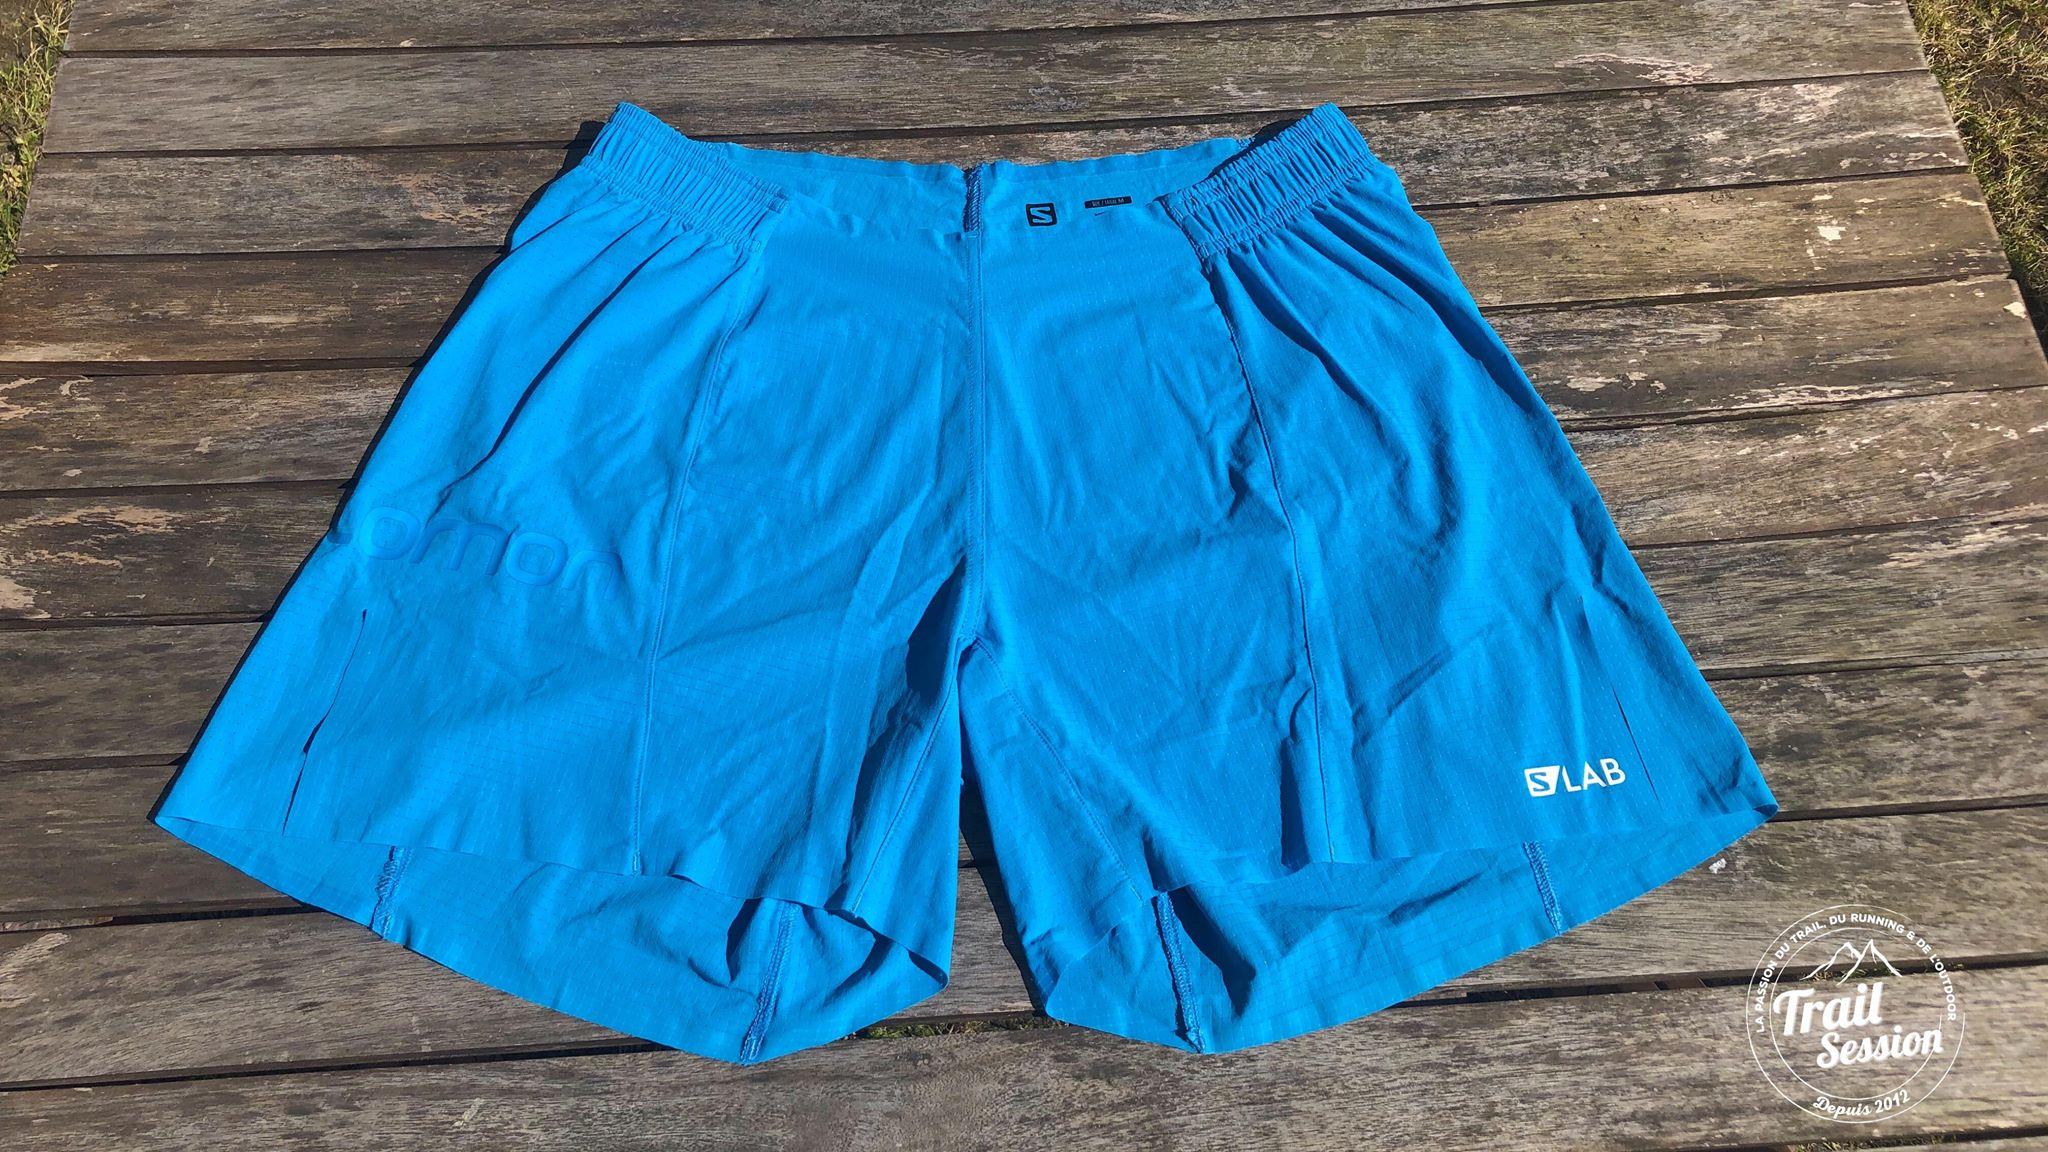 S-Lab T-Shirt NSO & Short 6 : Le Short 6 de Salomon